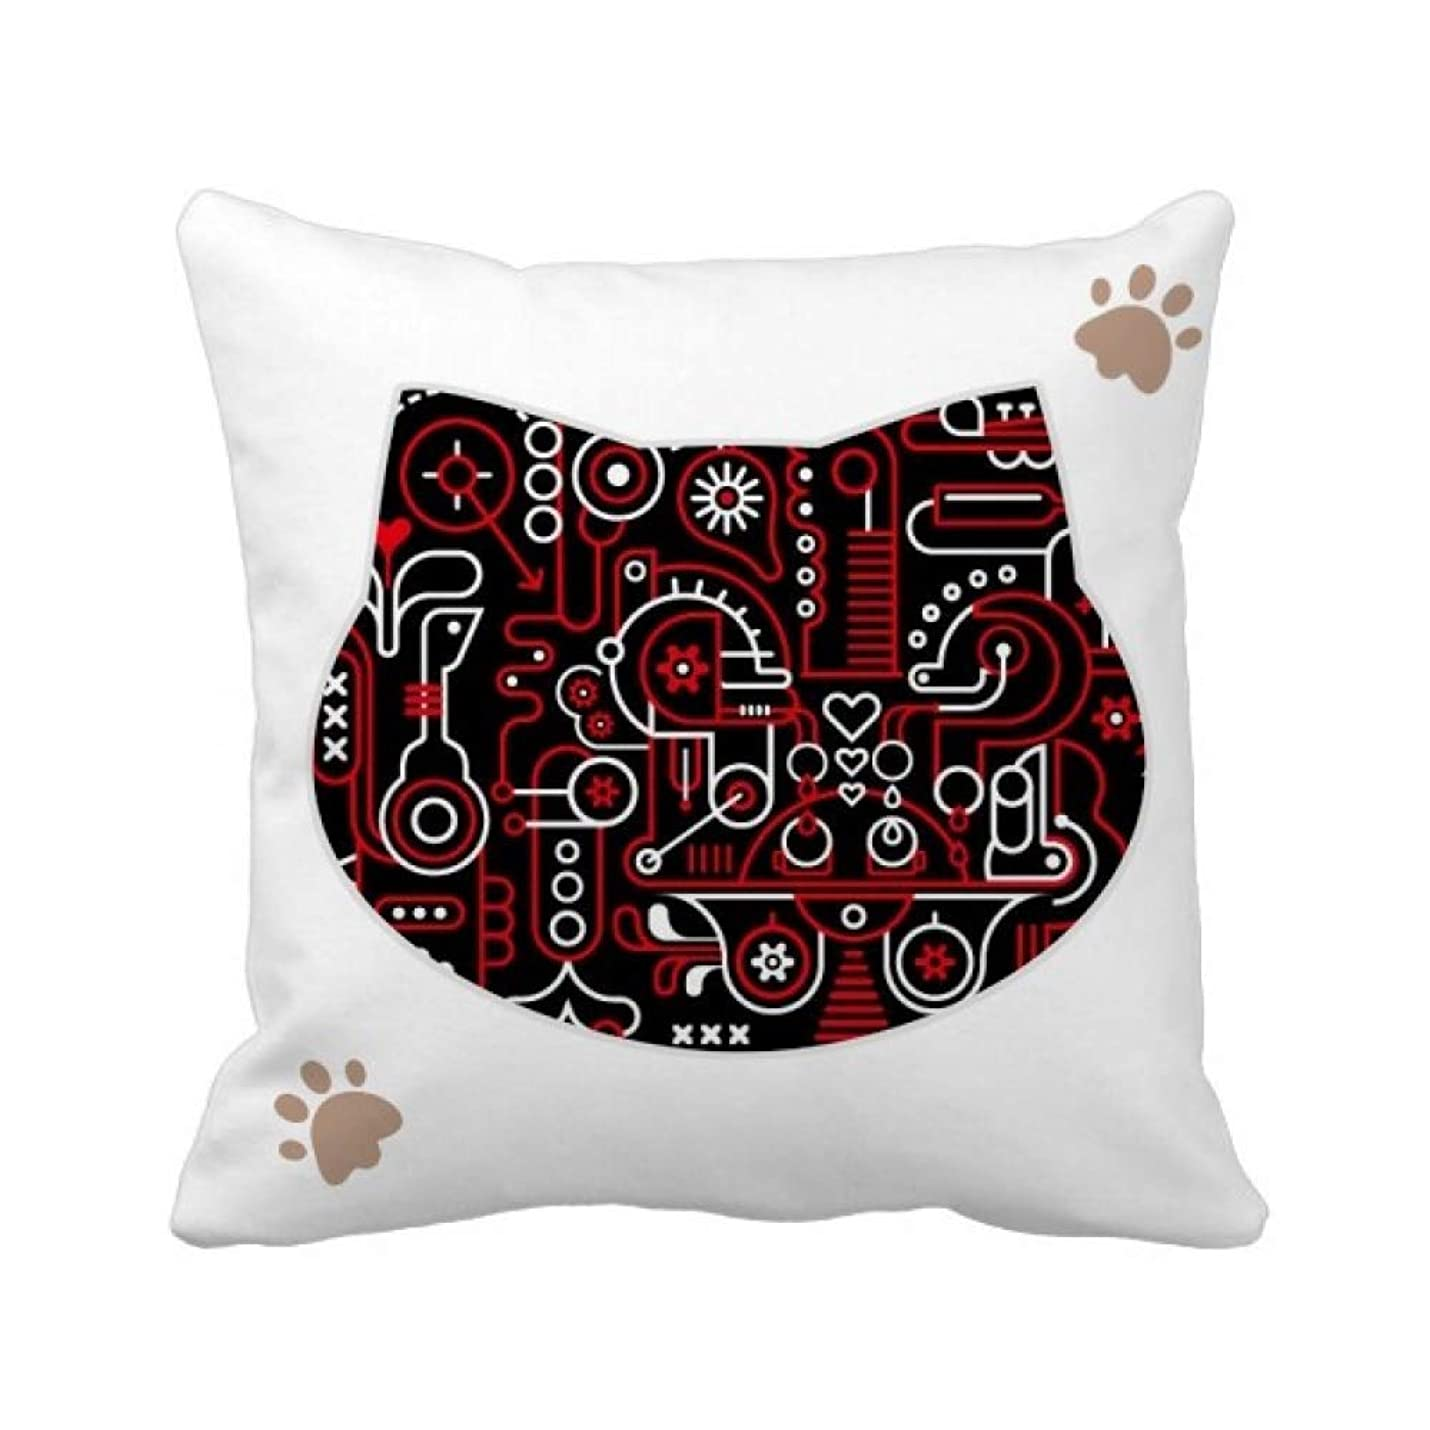 第五気づく敬礼落書き通りの抽象的な赤と白のパターン 枕カバーを放り投げる猫広場 50cm x 50cm